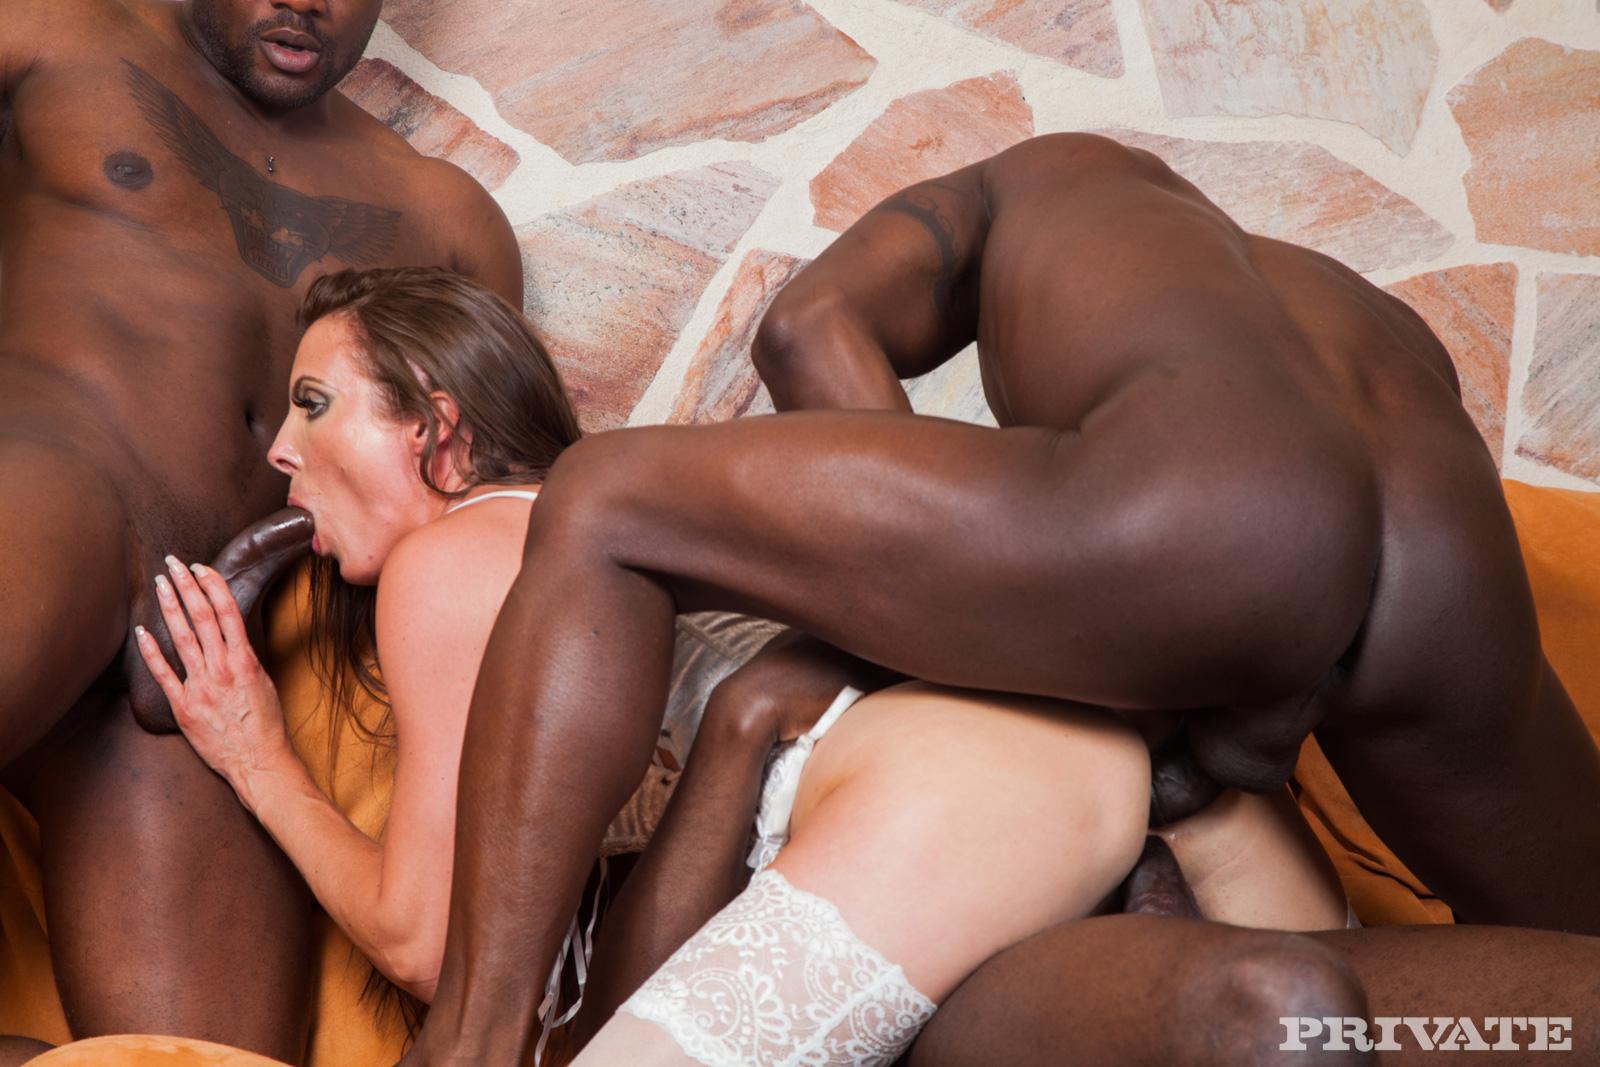 Секс анал группа негры, Анал и секс с неграми: жесткая групповуха порно 5 фотография